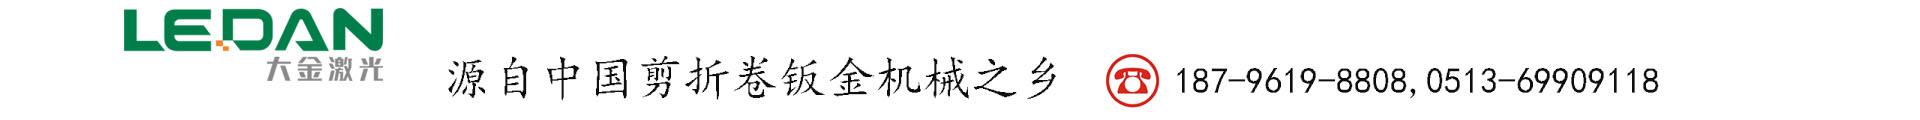 江蘇大金 射科技有限公司